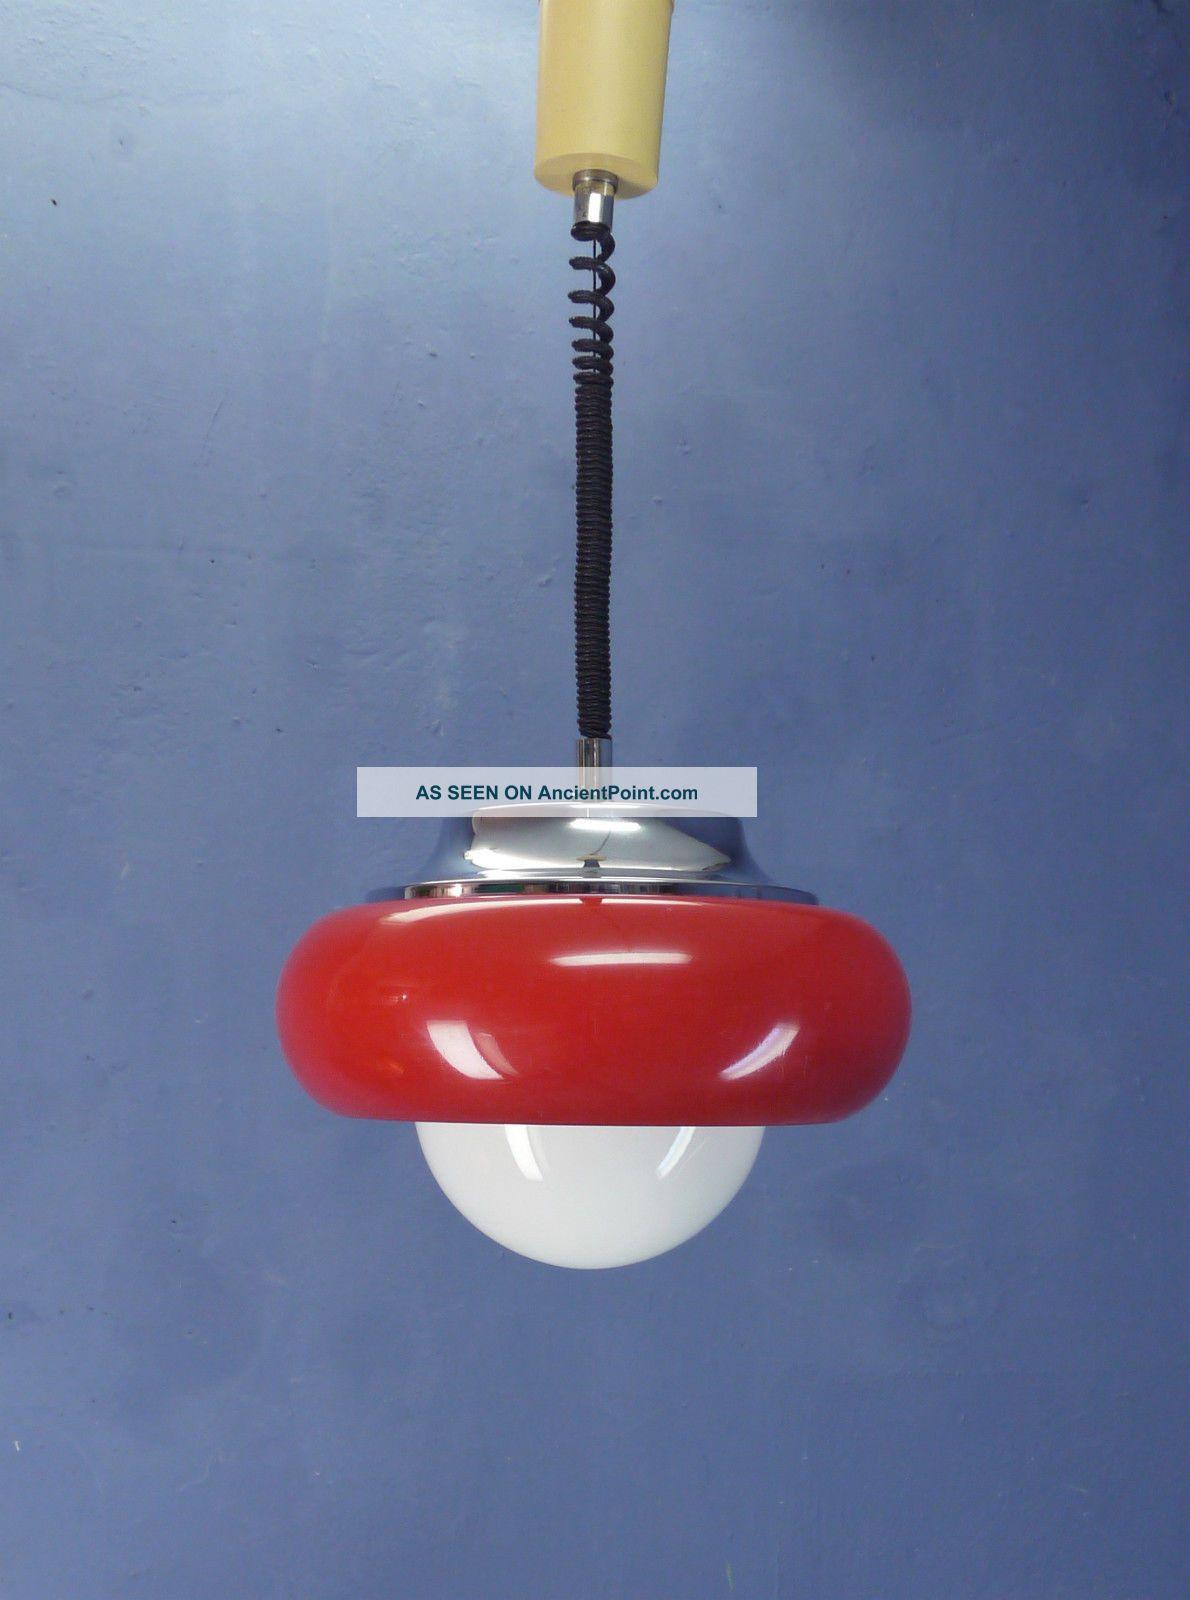 Vintage Retro Space Age 60s 70s Guzzini Meblo Ufo Ceiling Lamp Pull Down Pendant 20th Century photo